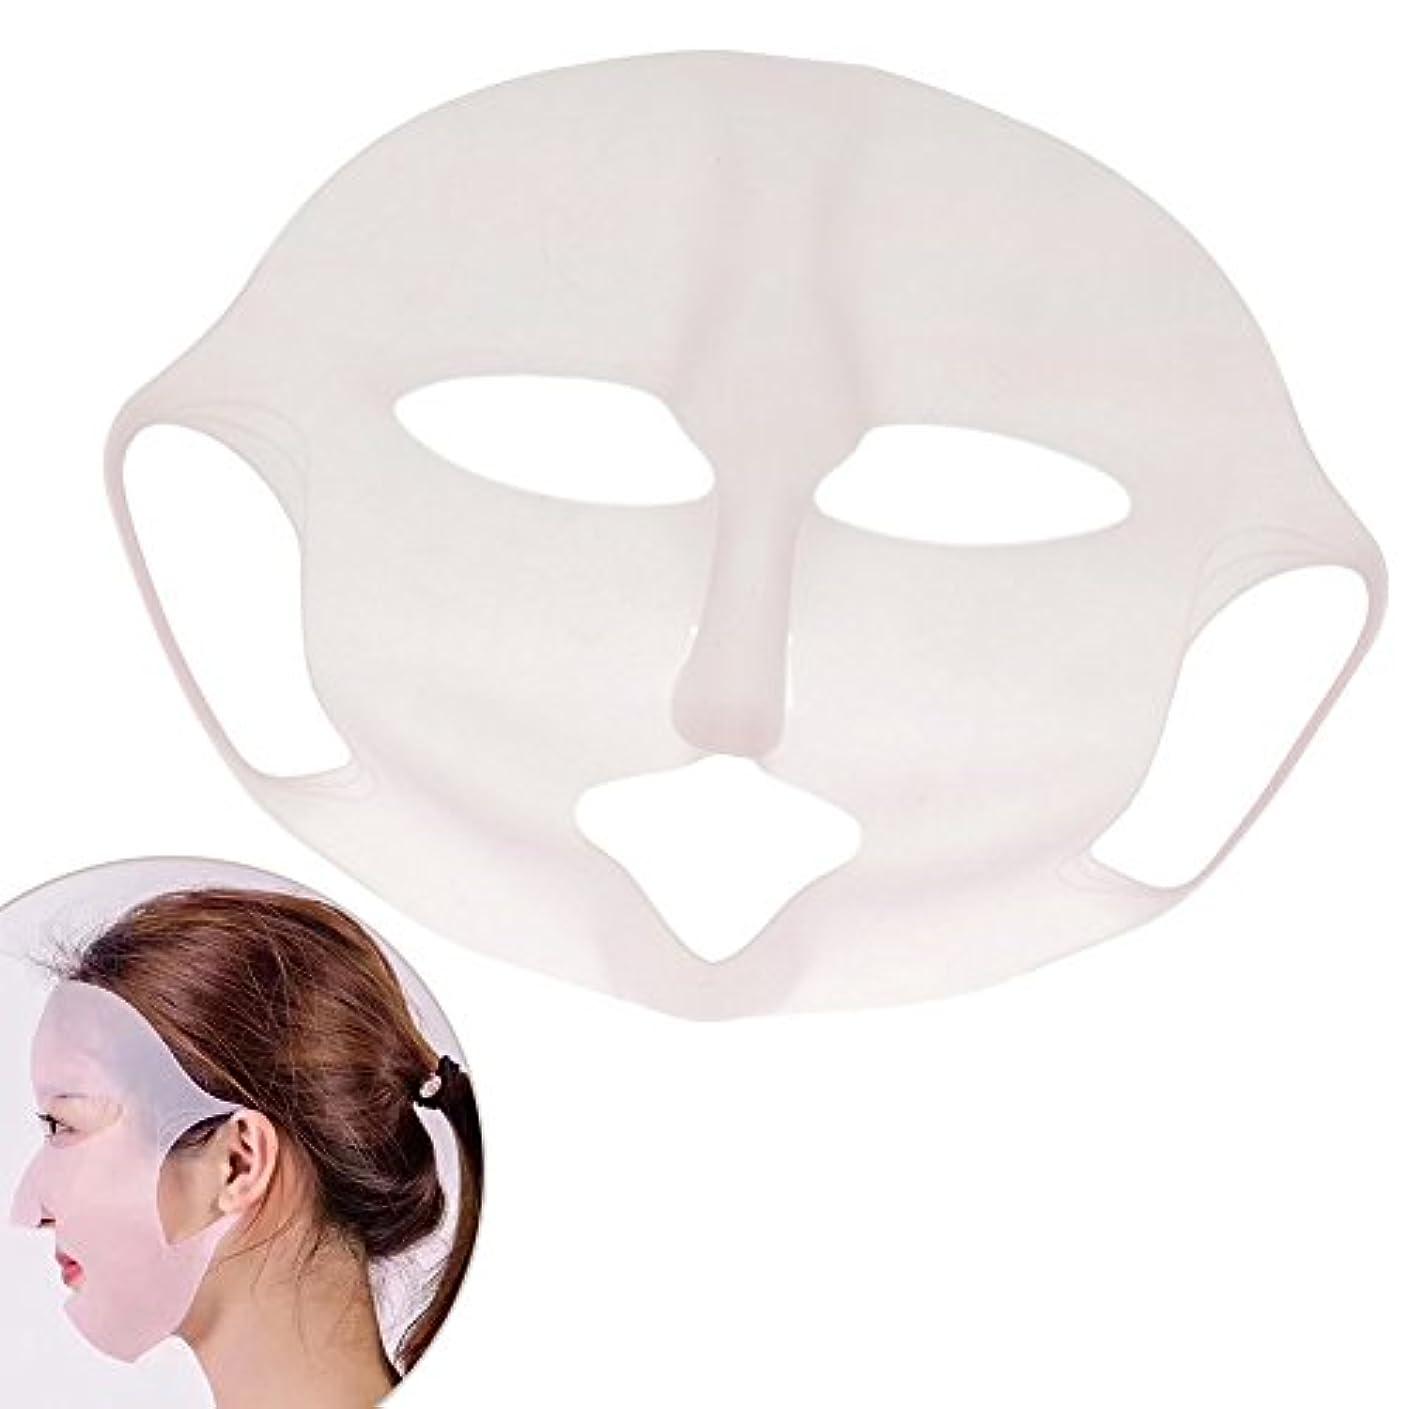 ボリューム締める政治家フェイスパックカバー シリコンマスク フェイスマスク 美容液 防蒸発 保湿 便利なグッズ 吸収 3枚入り 21cm